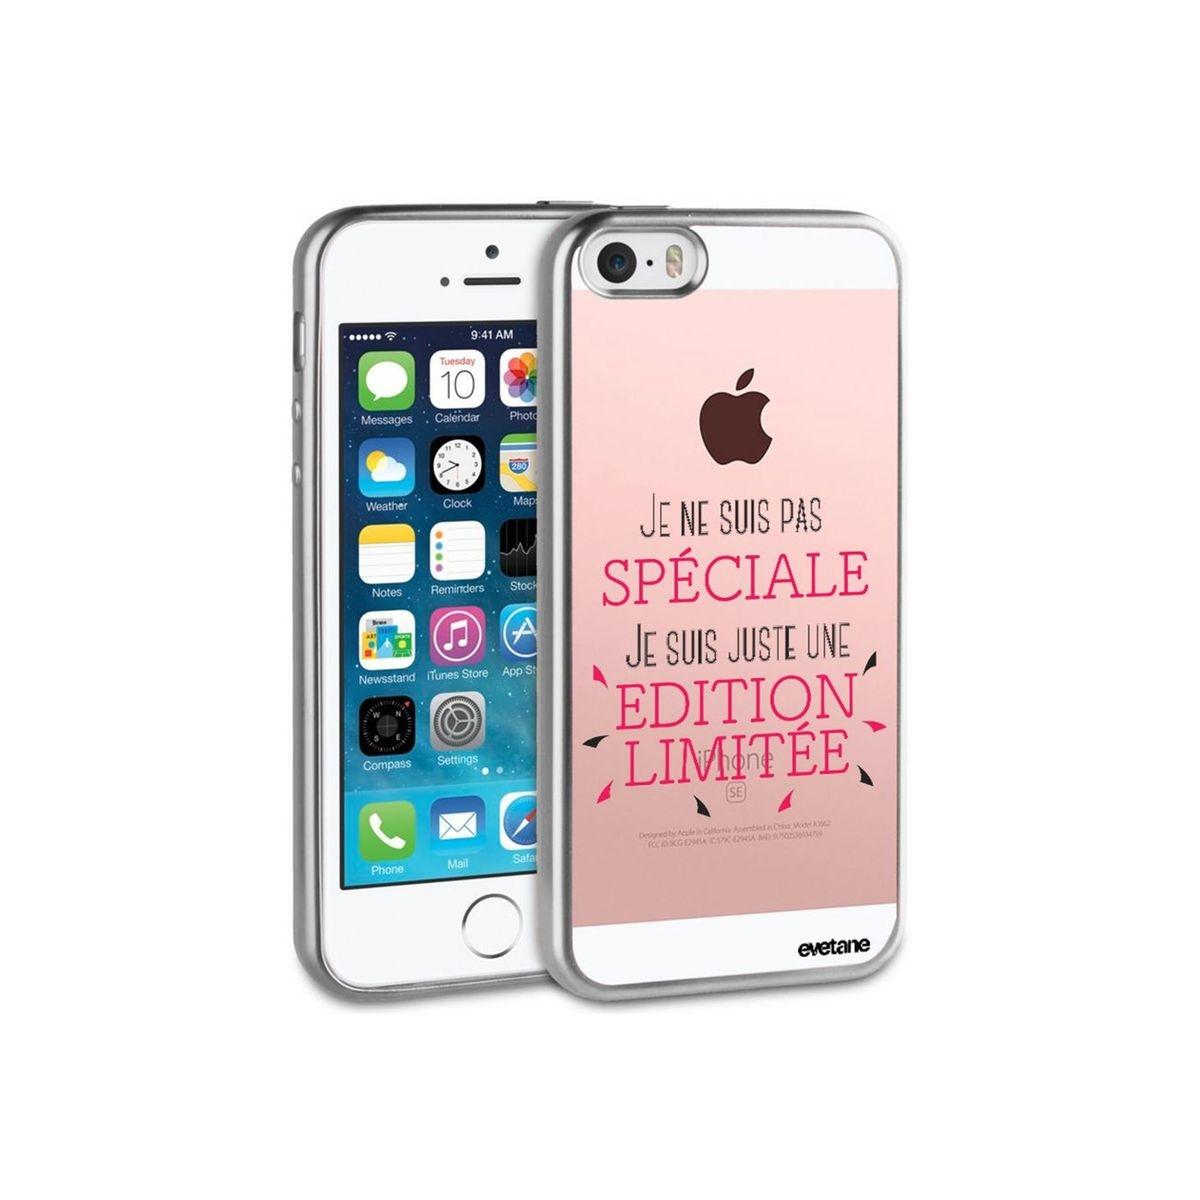 Coque iPhone 5/5S/SE bumper argent, Spéciale édition limitée, Evetane®